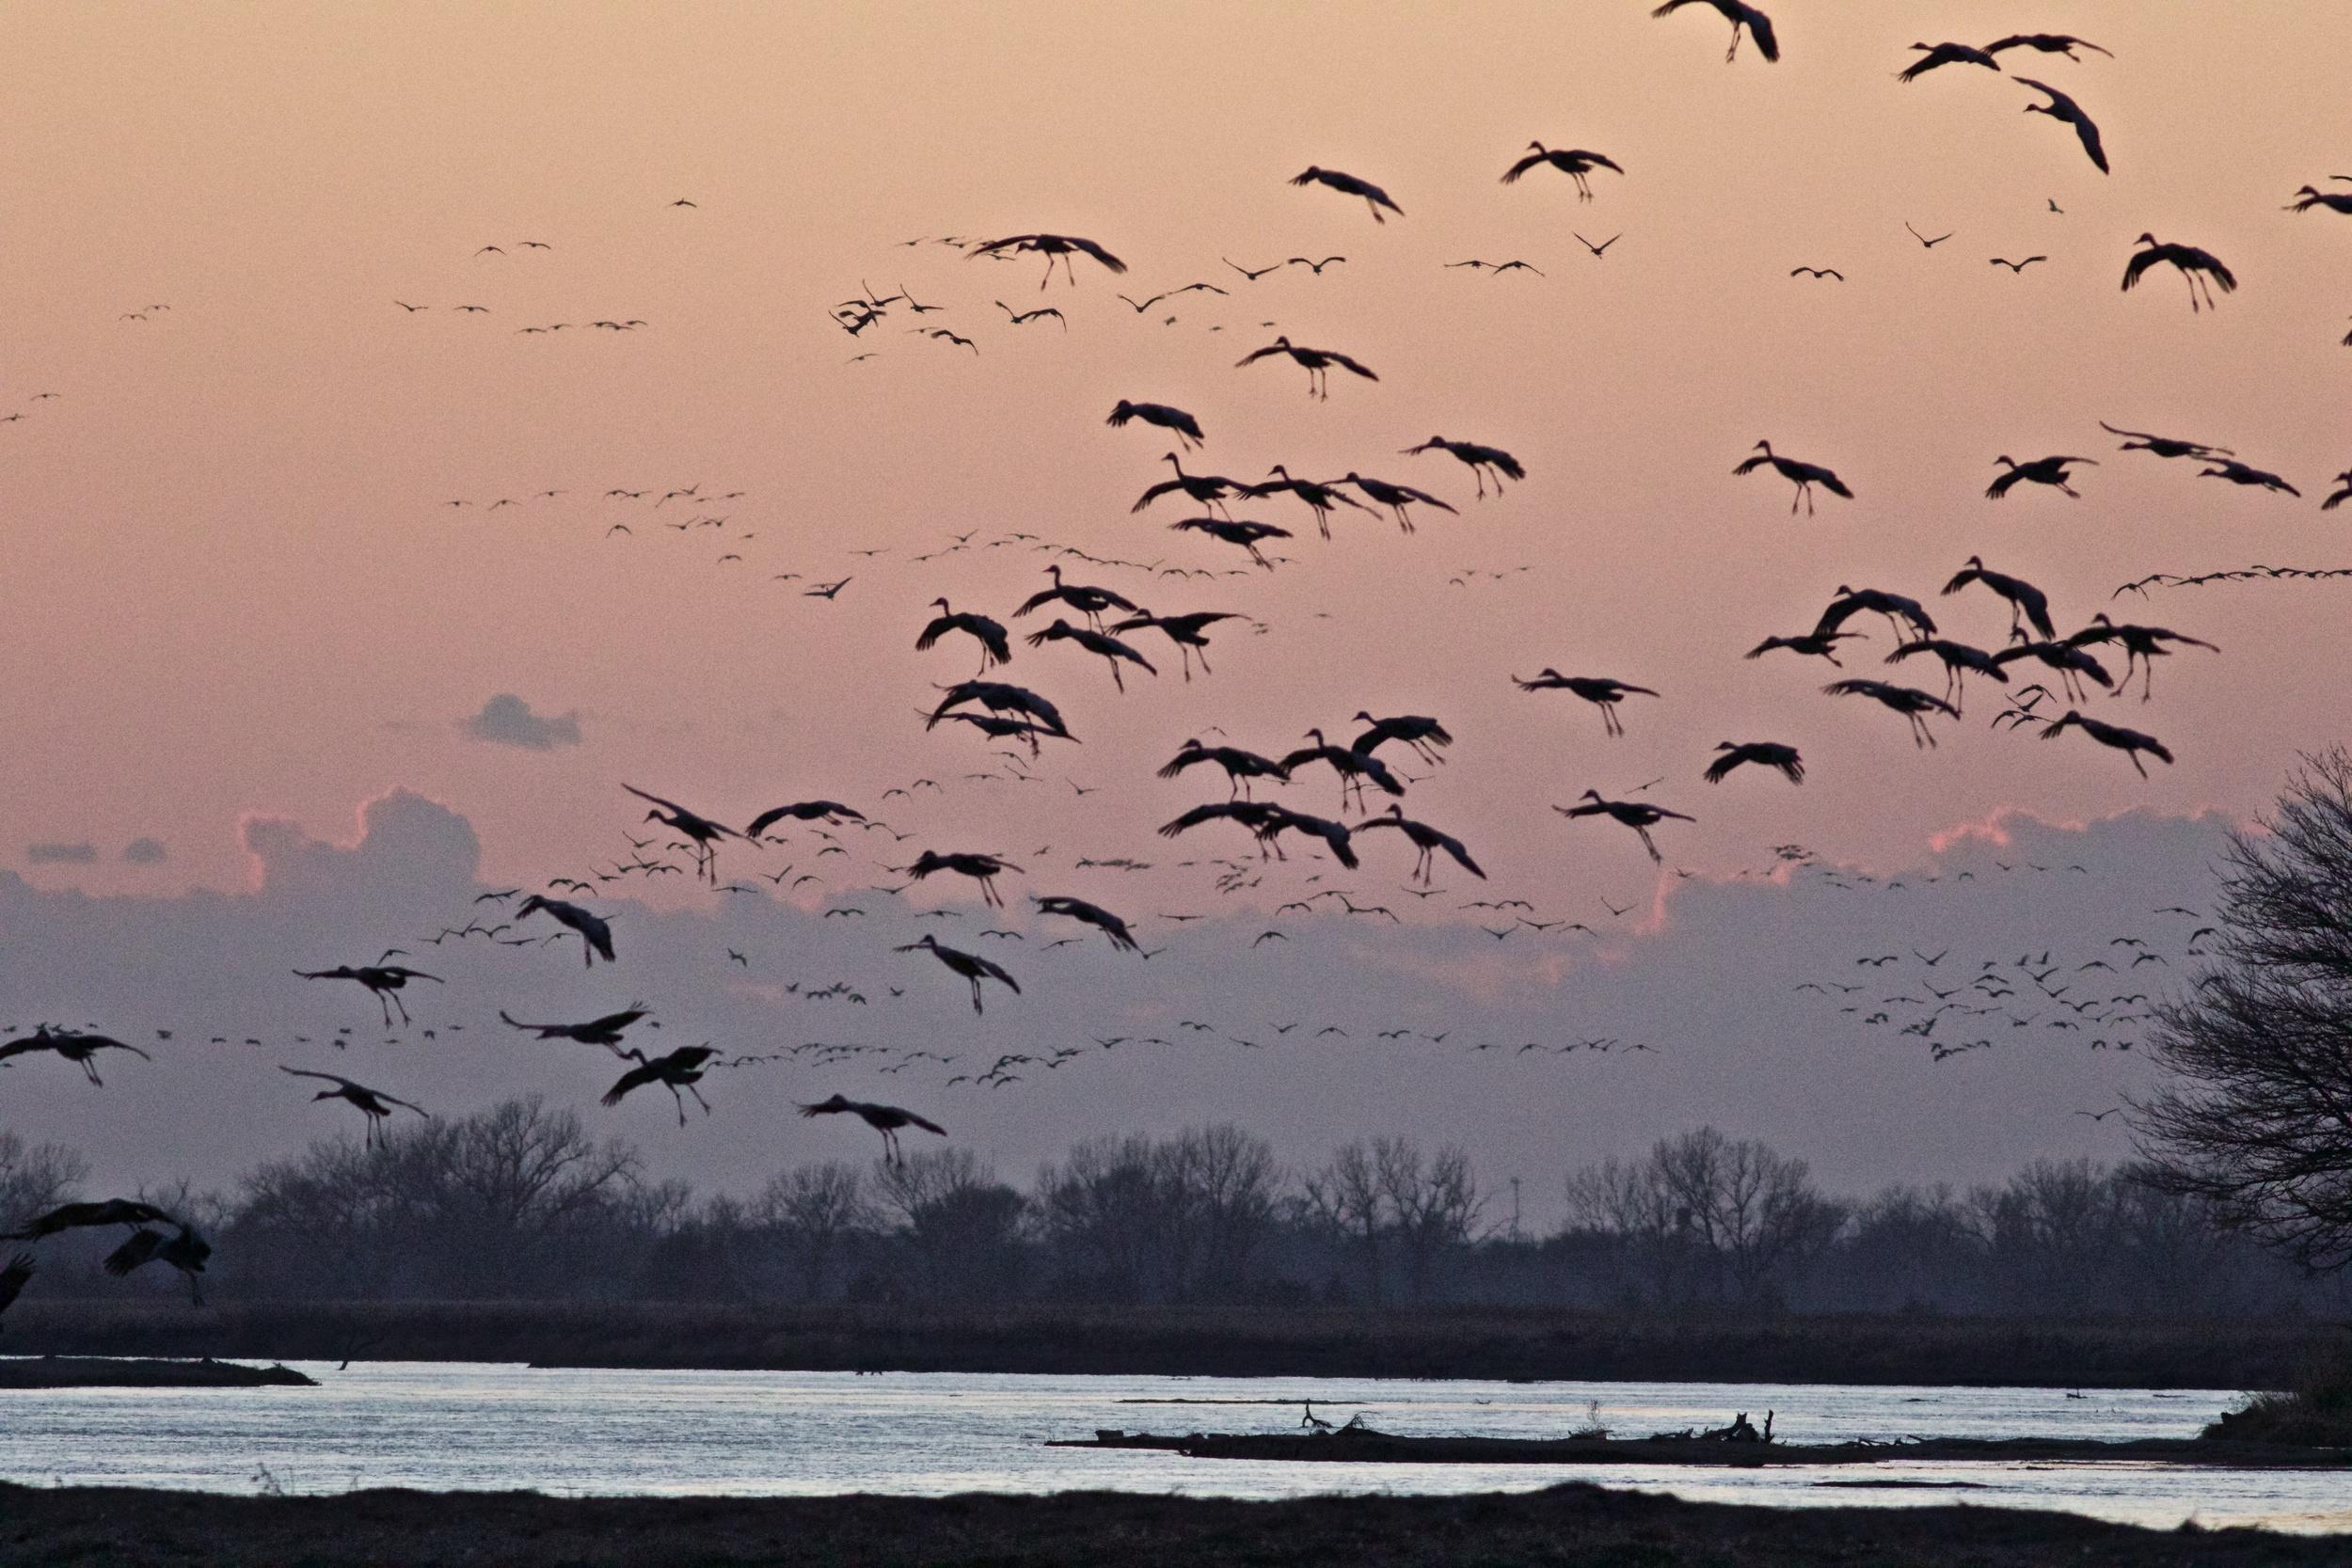 Cranes descend on Rowe Audubon Sanctuary. Photo by Arlene Koziol